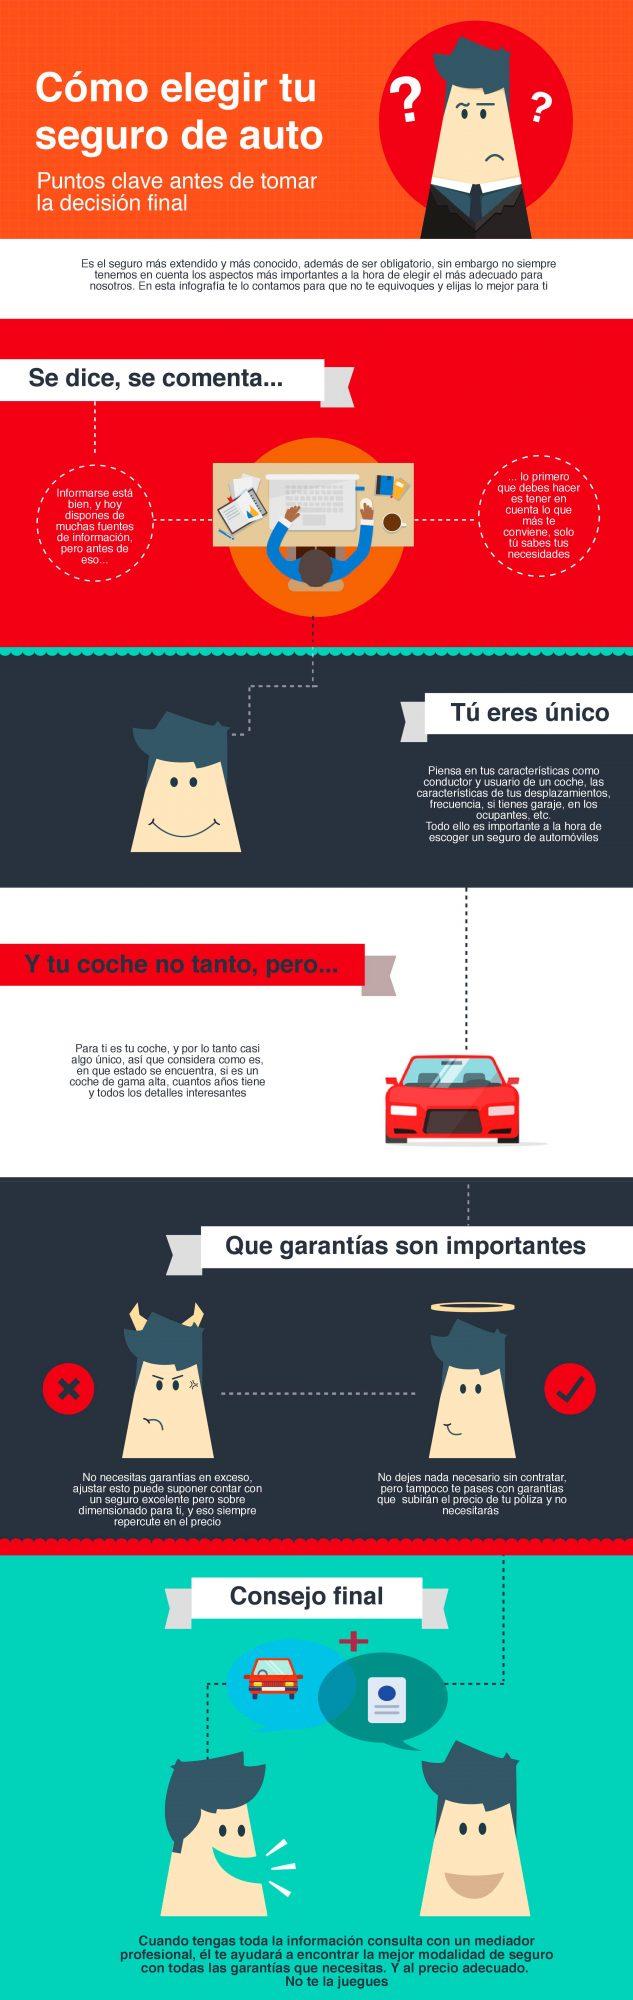 Cómo elegir tu seguro de auto